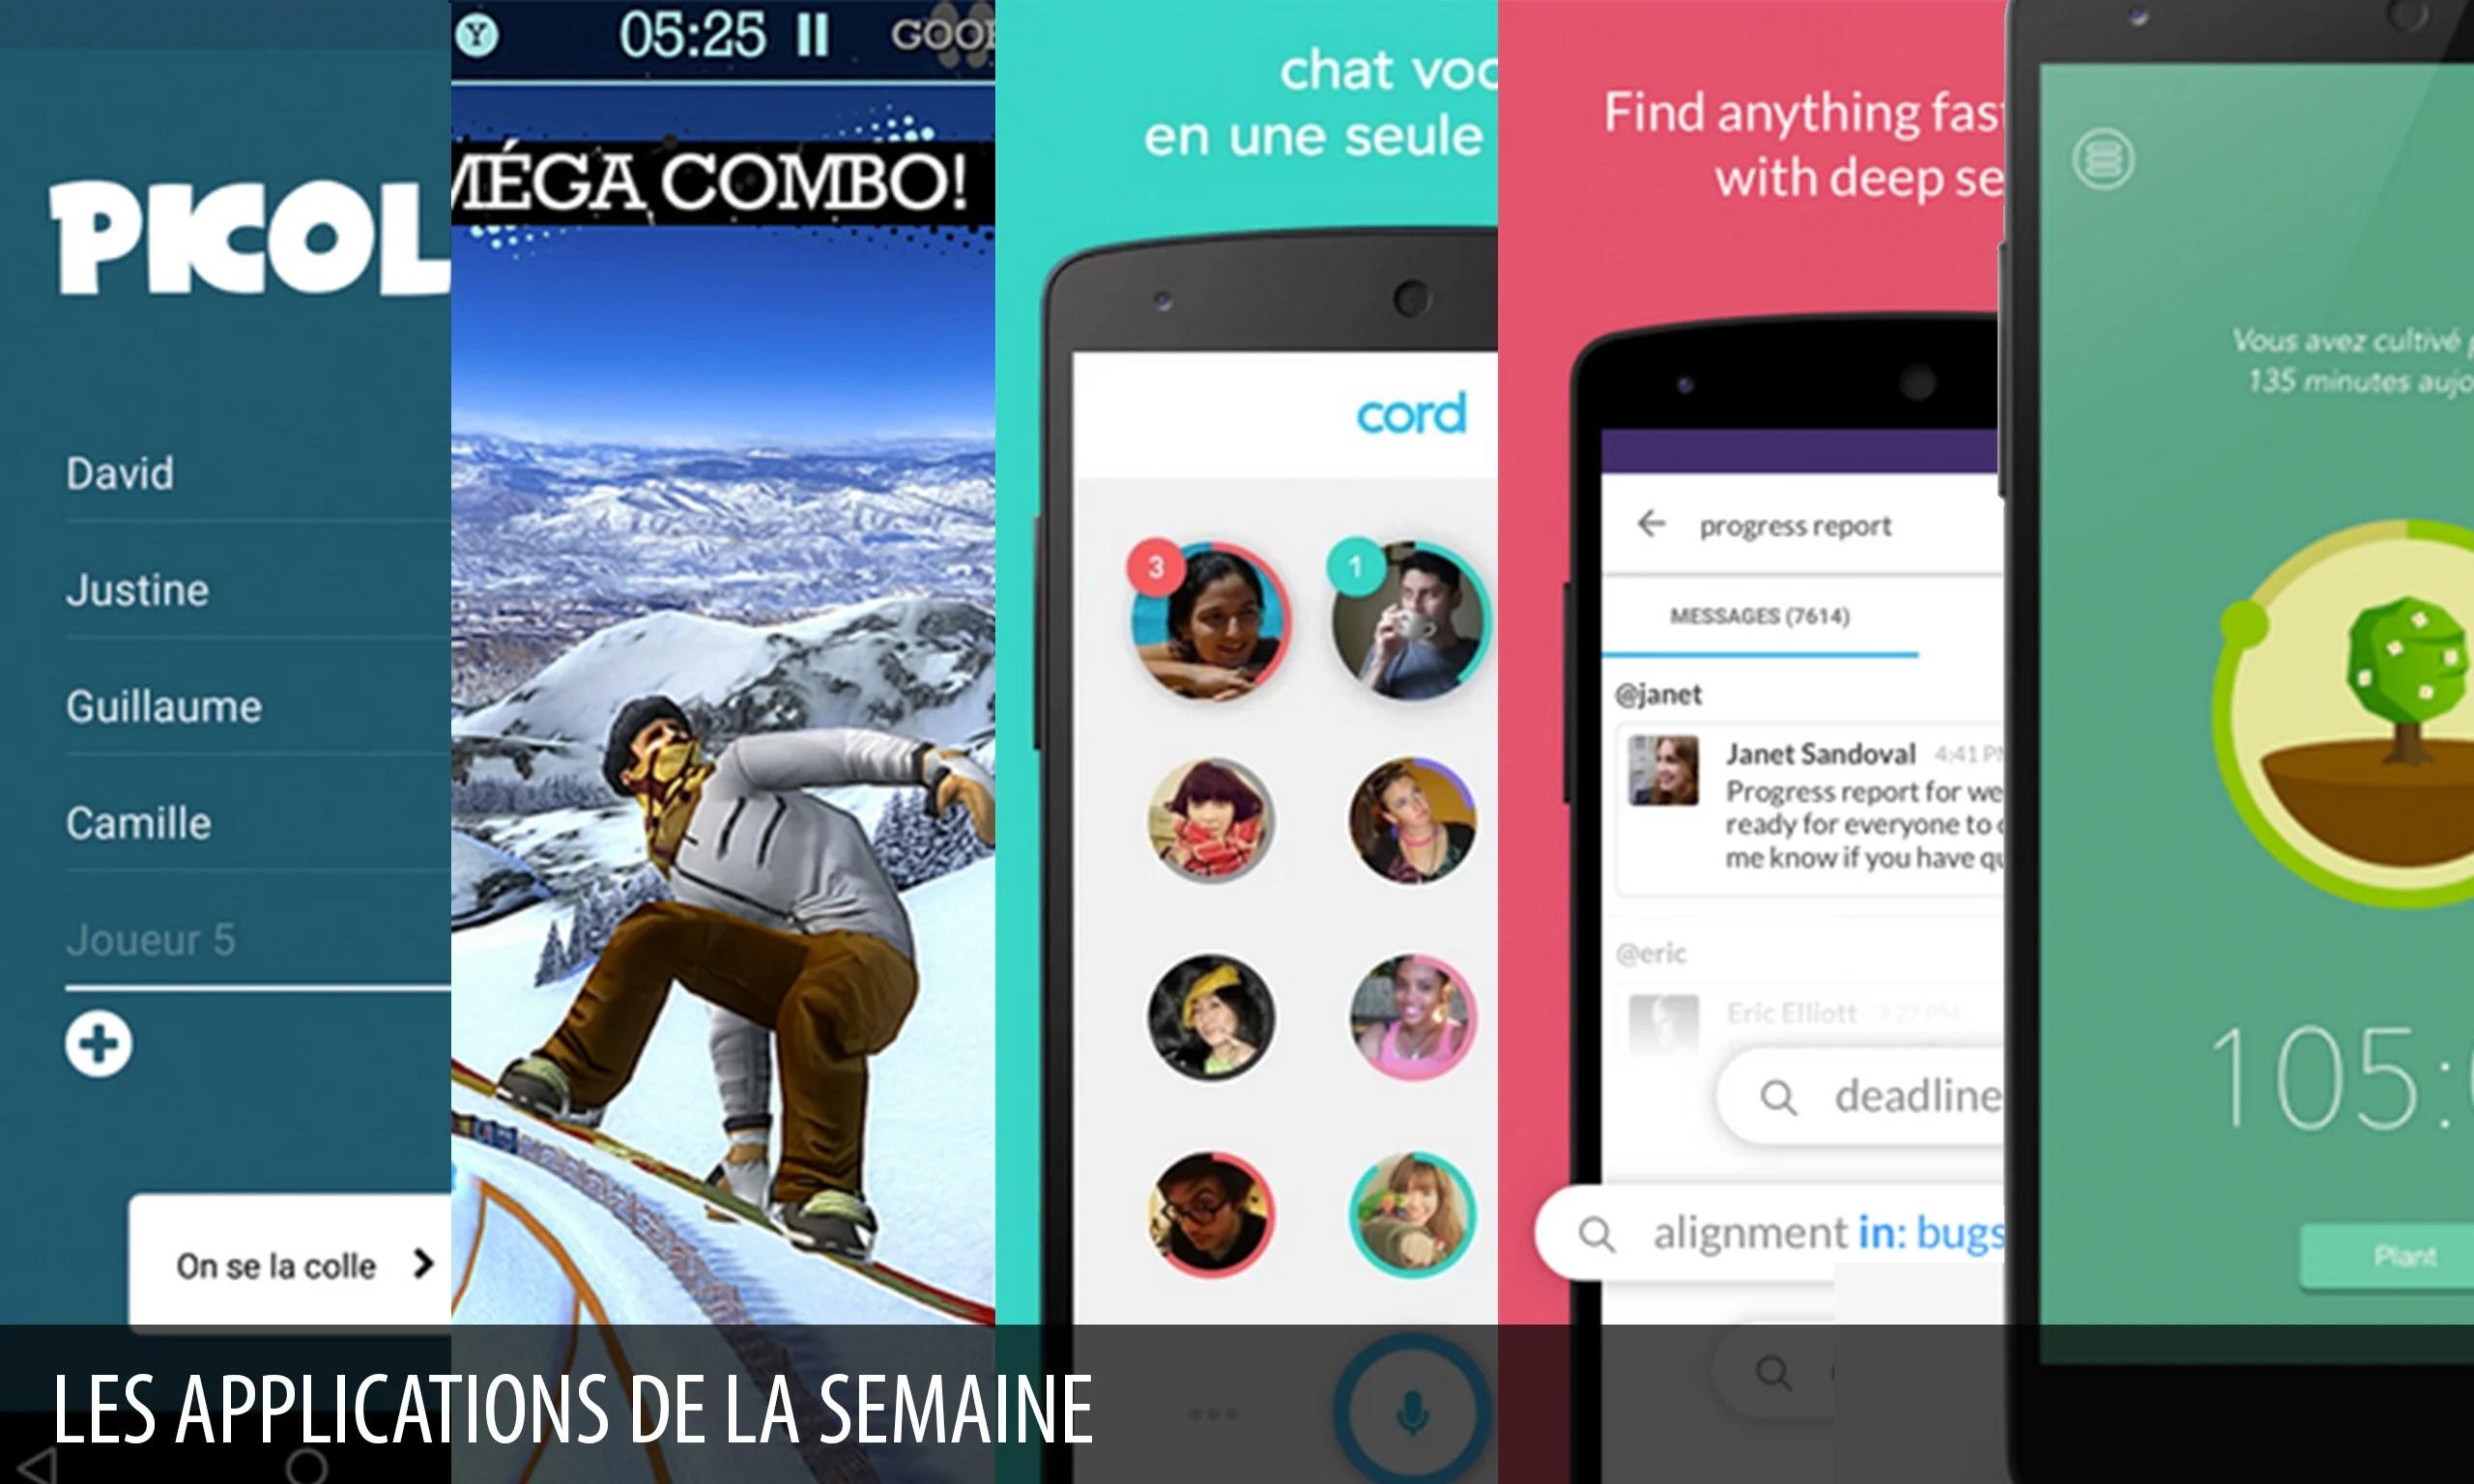 Les apps de la semaine : Picolo, Snowboard Party Lite, Cord, Slack, Forest : stay focused